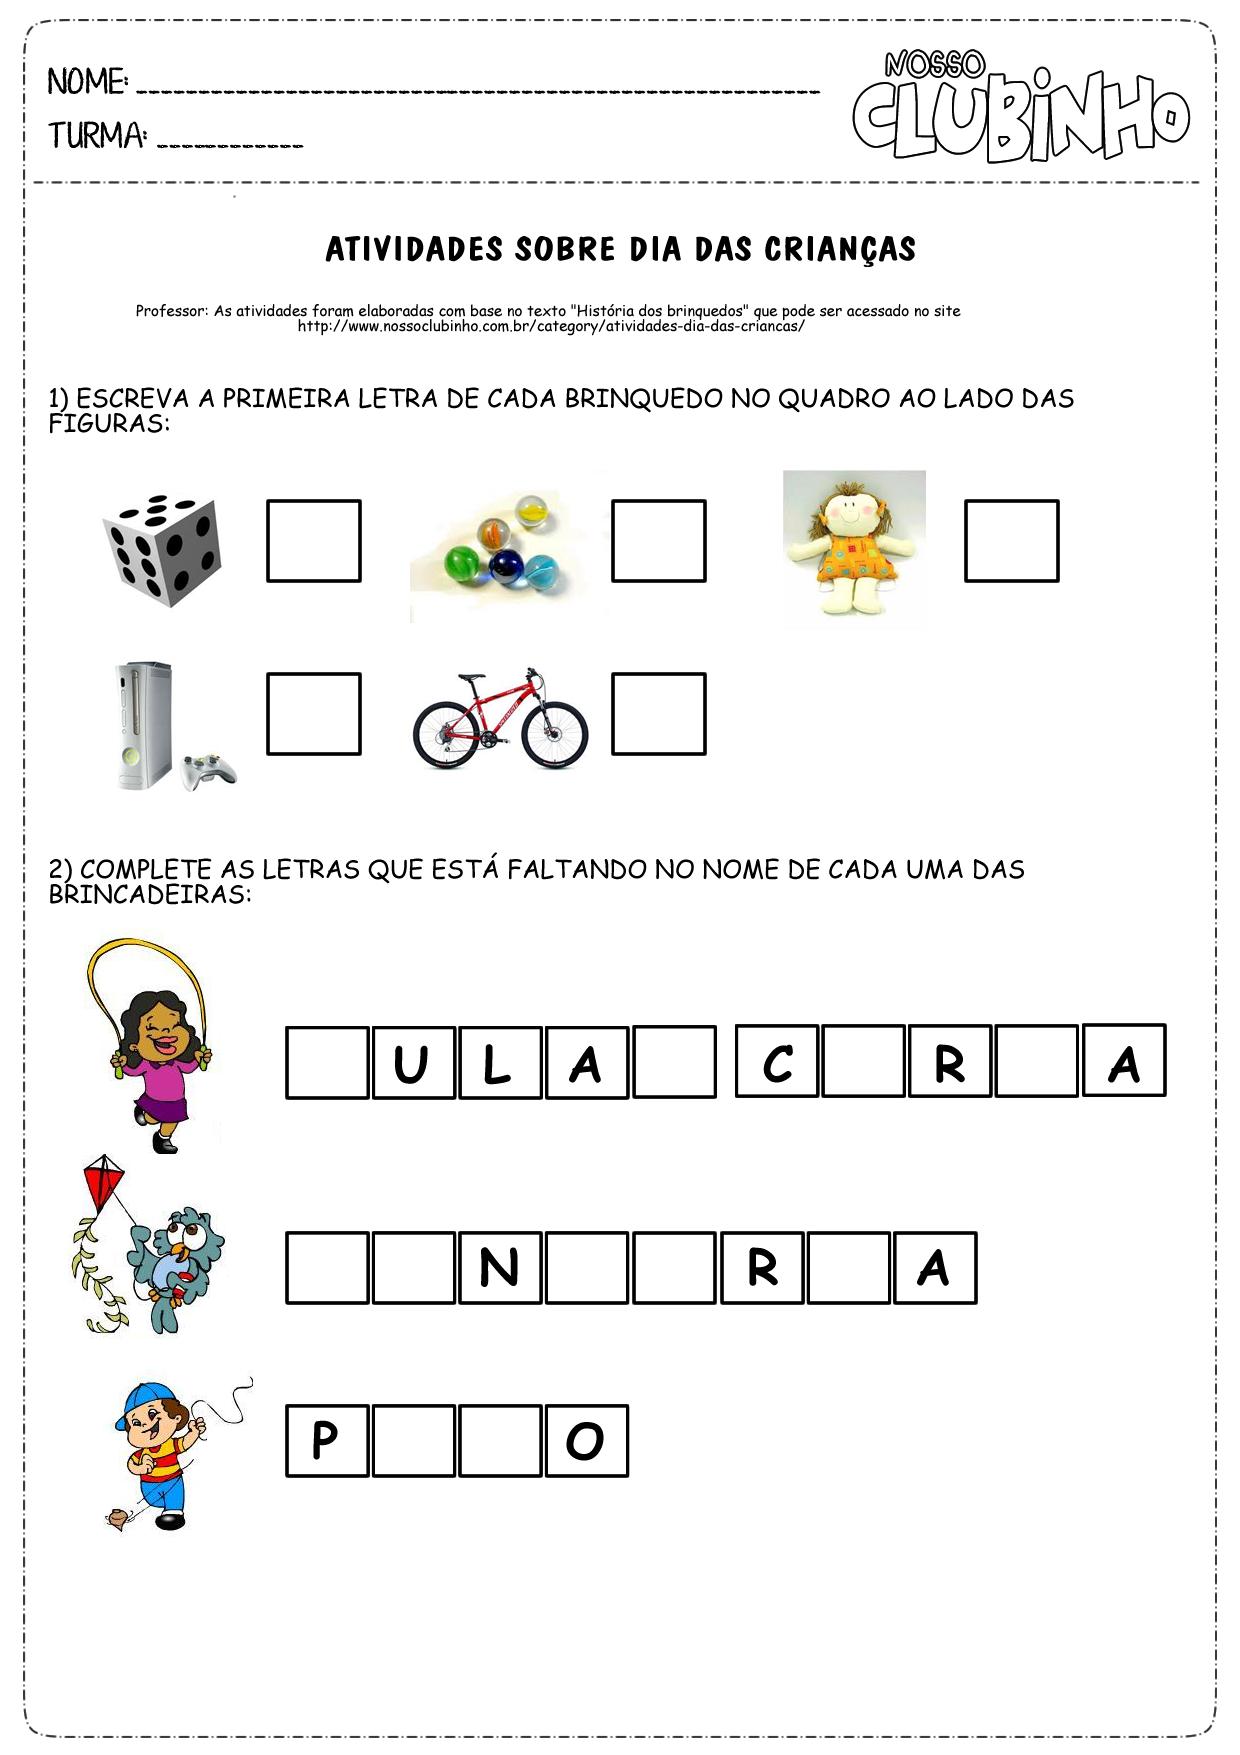 Famosos Atividades para alfabetização II - Dia das crianças - Nosso Clubinho PR76